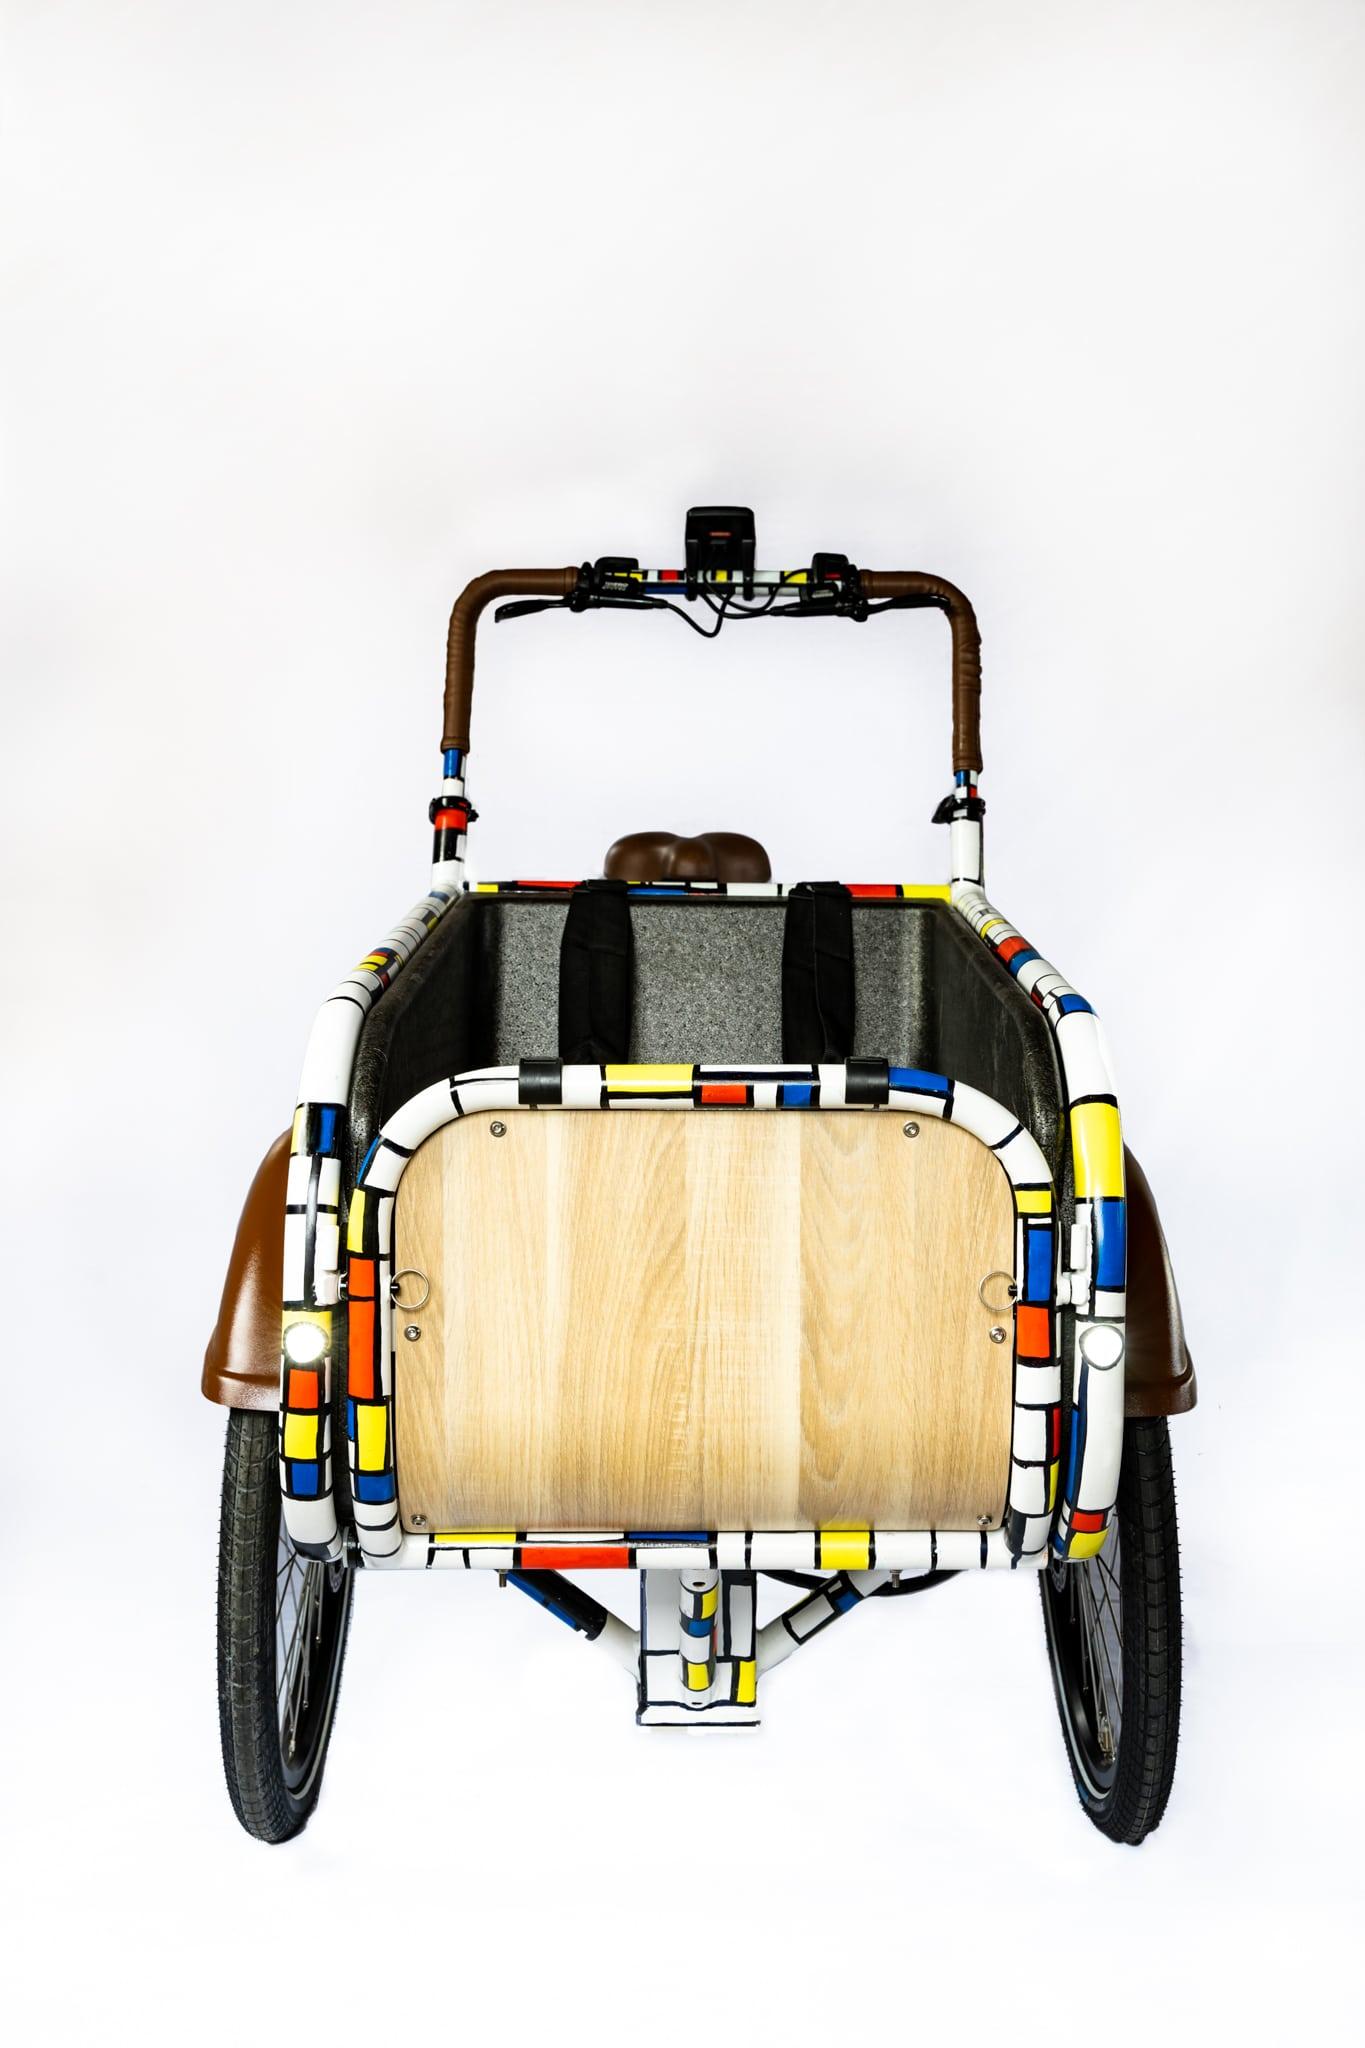 soci.bike Jeroen de Boer TheOlifants kunstproject (2)